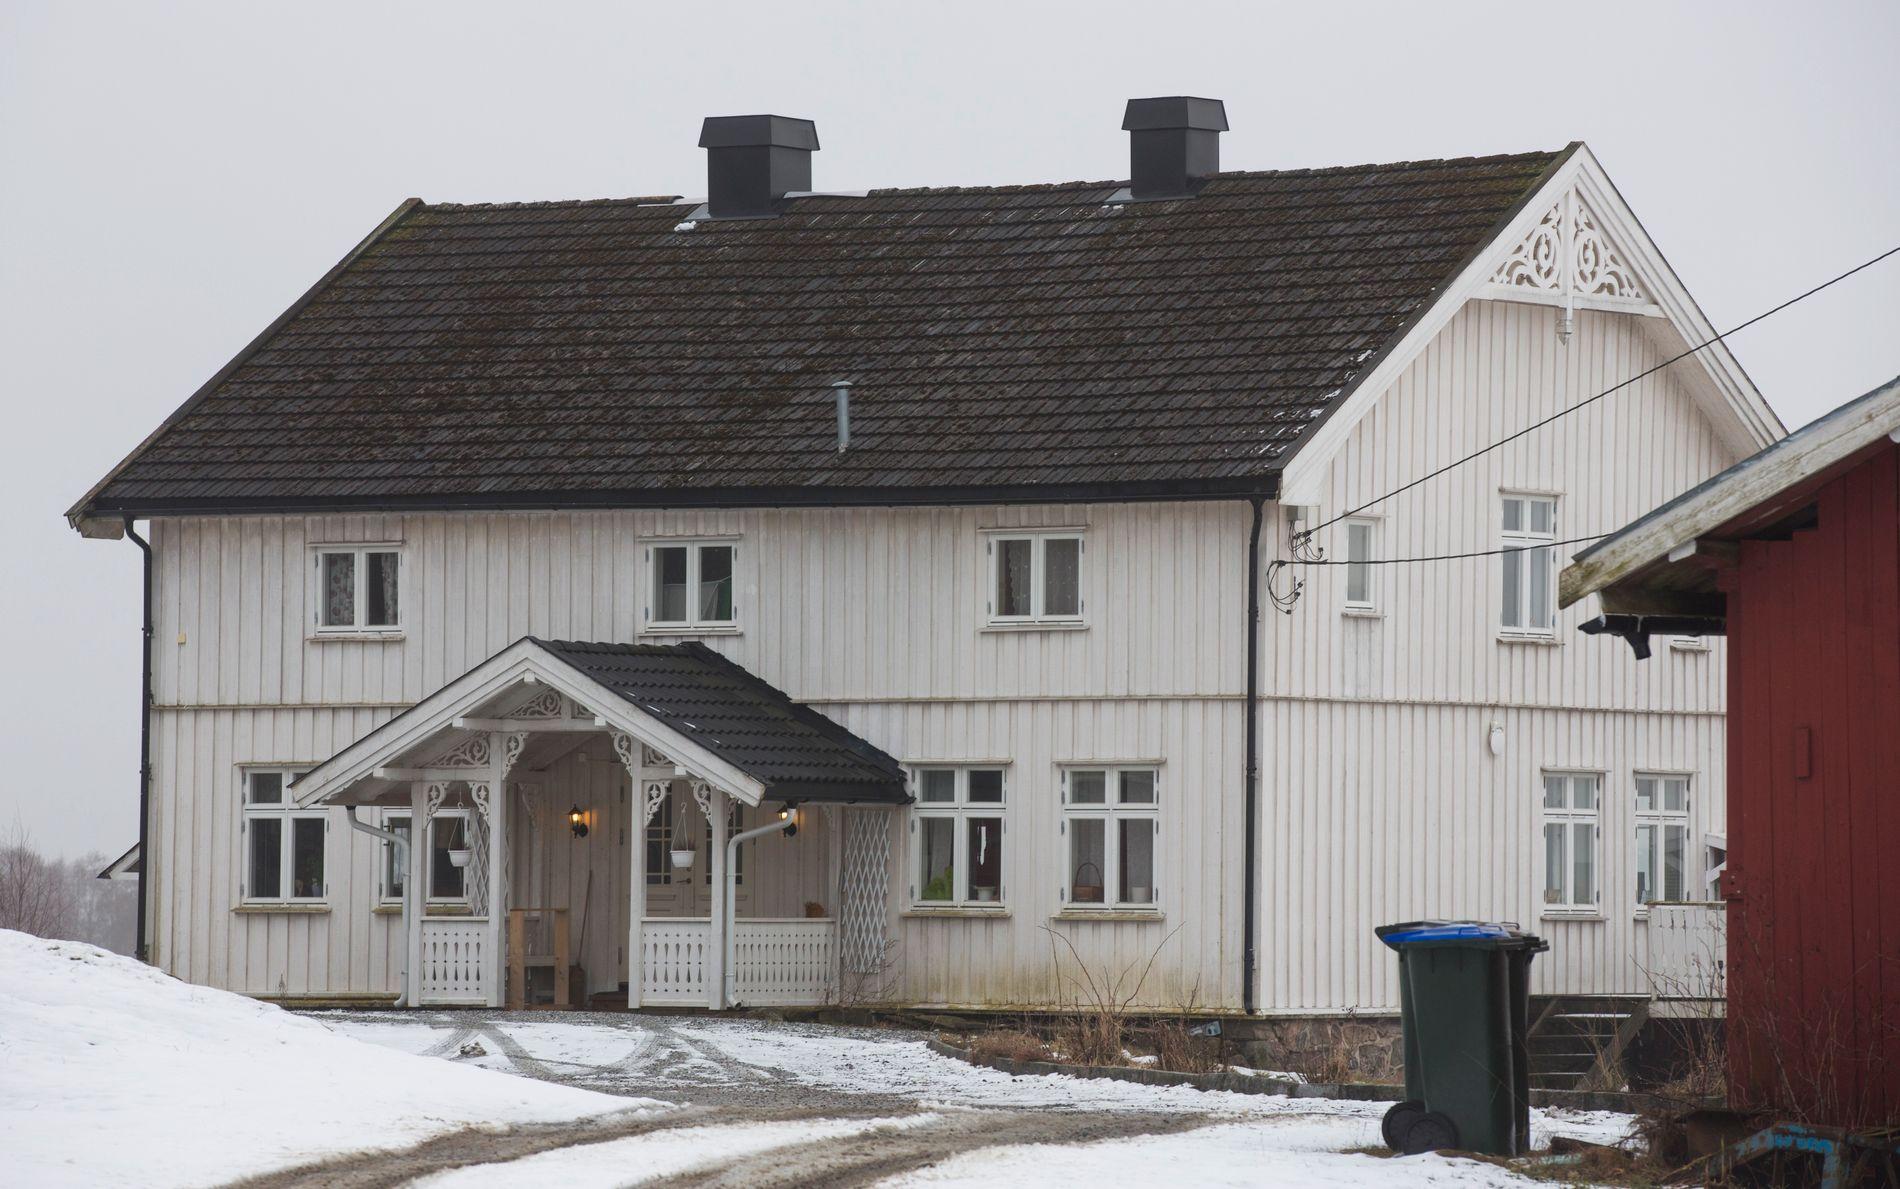 ÅRHUS GÅRD: Eirik Jensen kjøpte og pusset opp gården sammen med sin daværende samboer i 2005/2006. Gården ligger på Fenstad på Romerike.